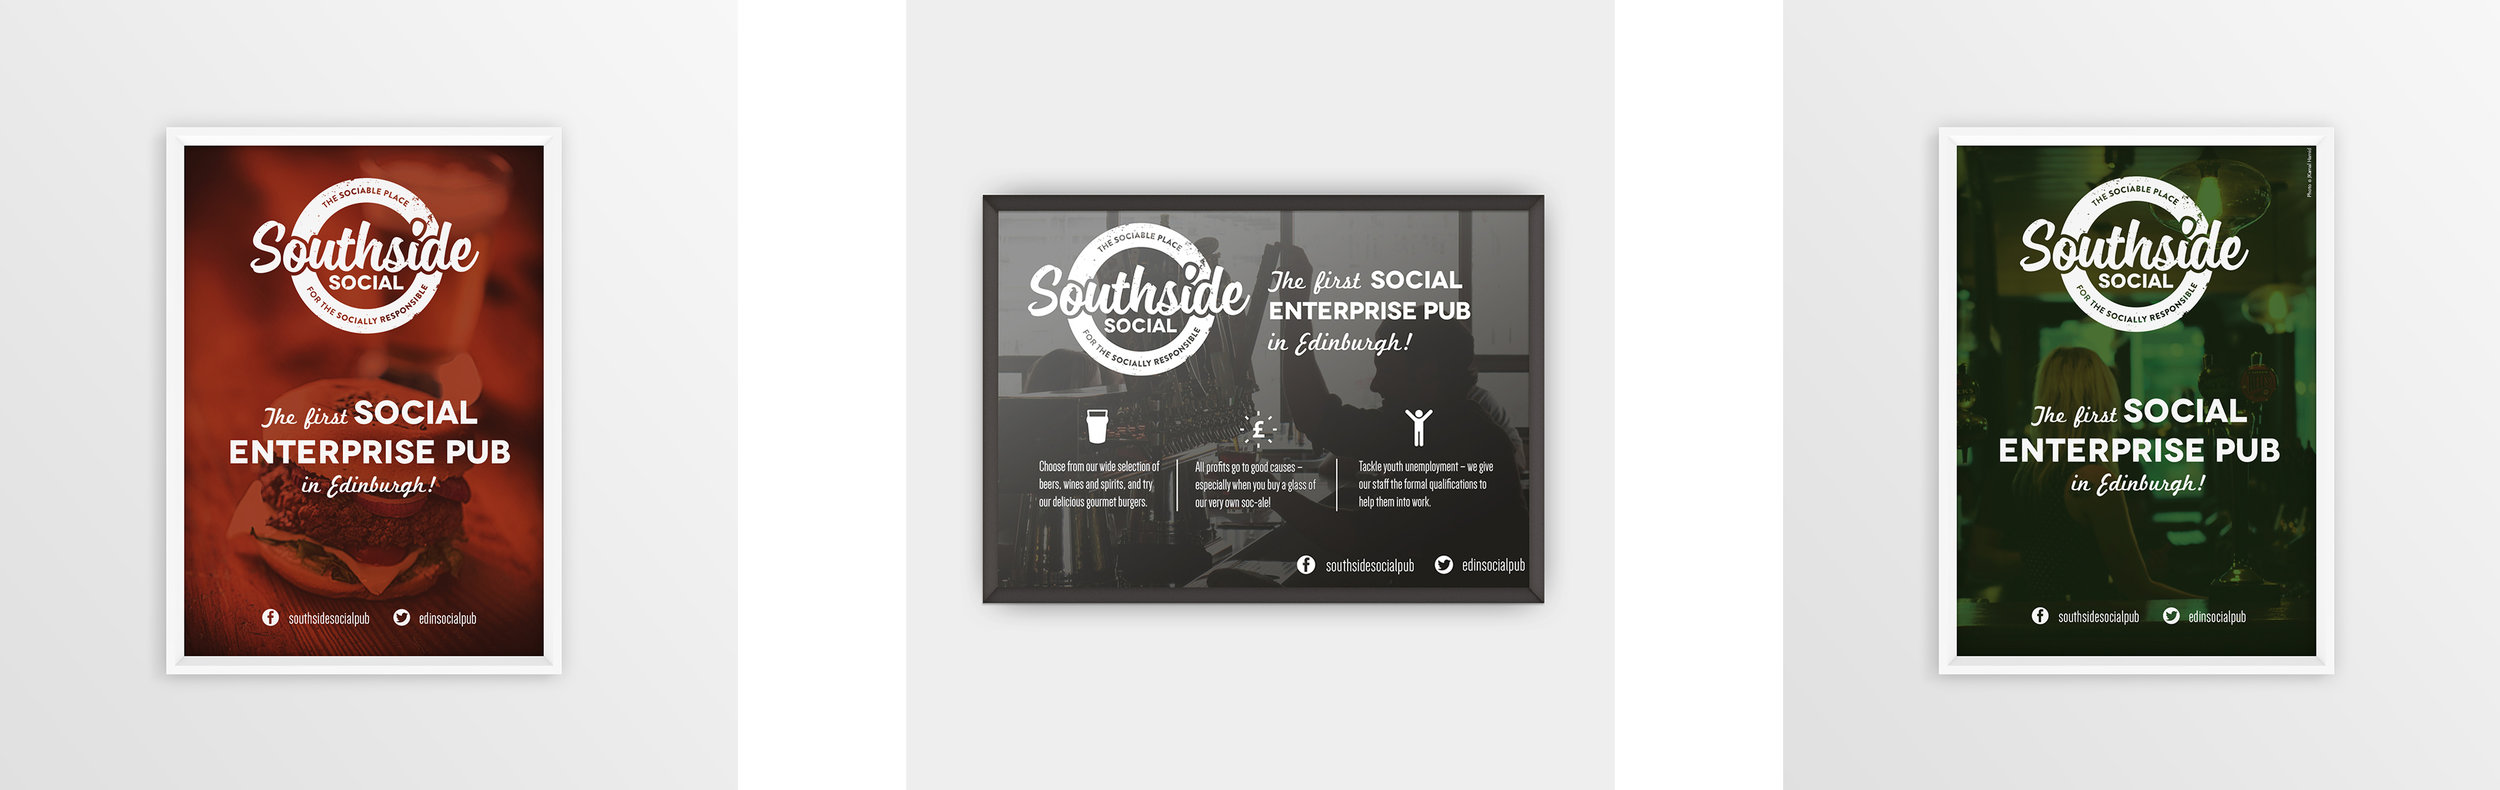 southside-social-branding-double.jpg